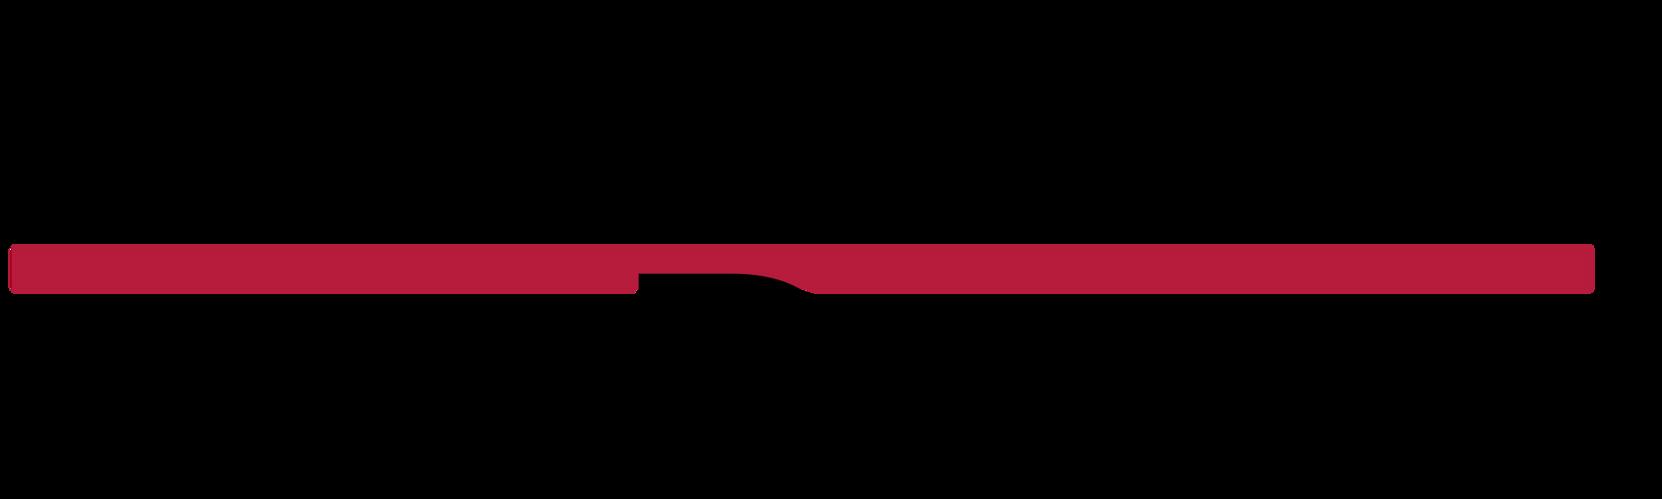 Gardner_Denver_Logo.png